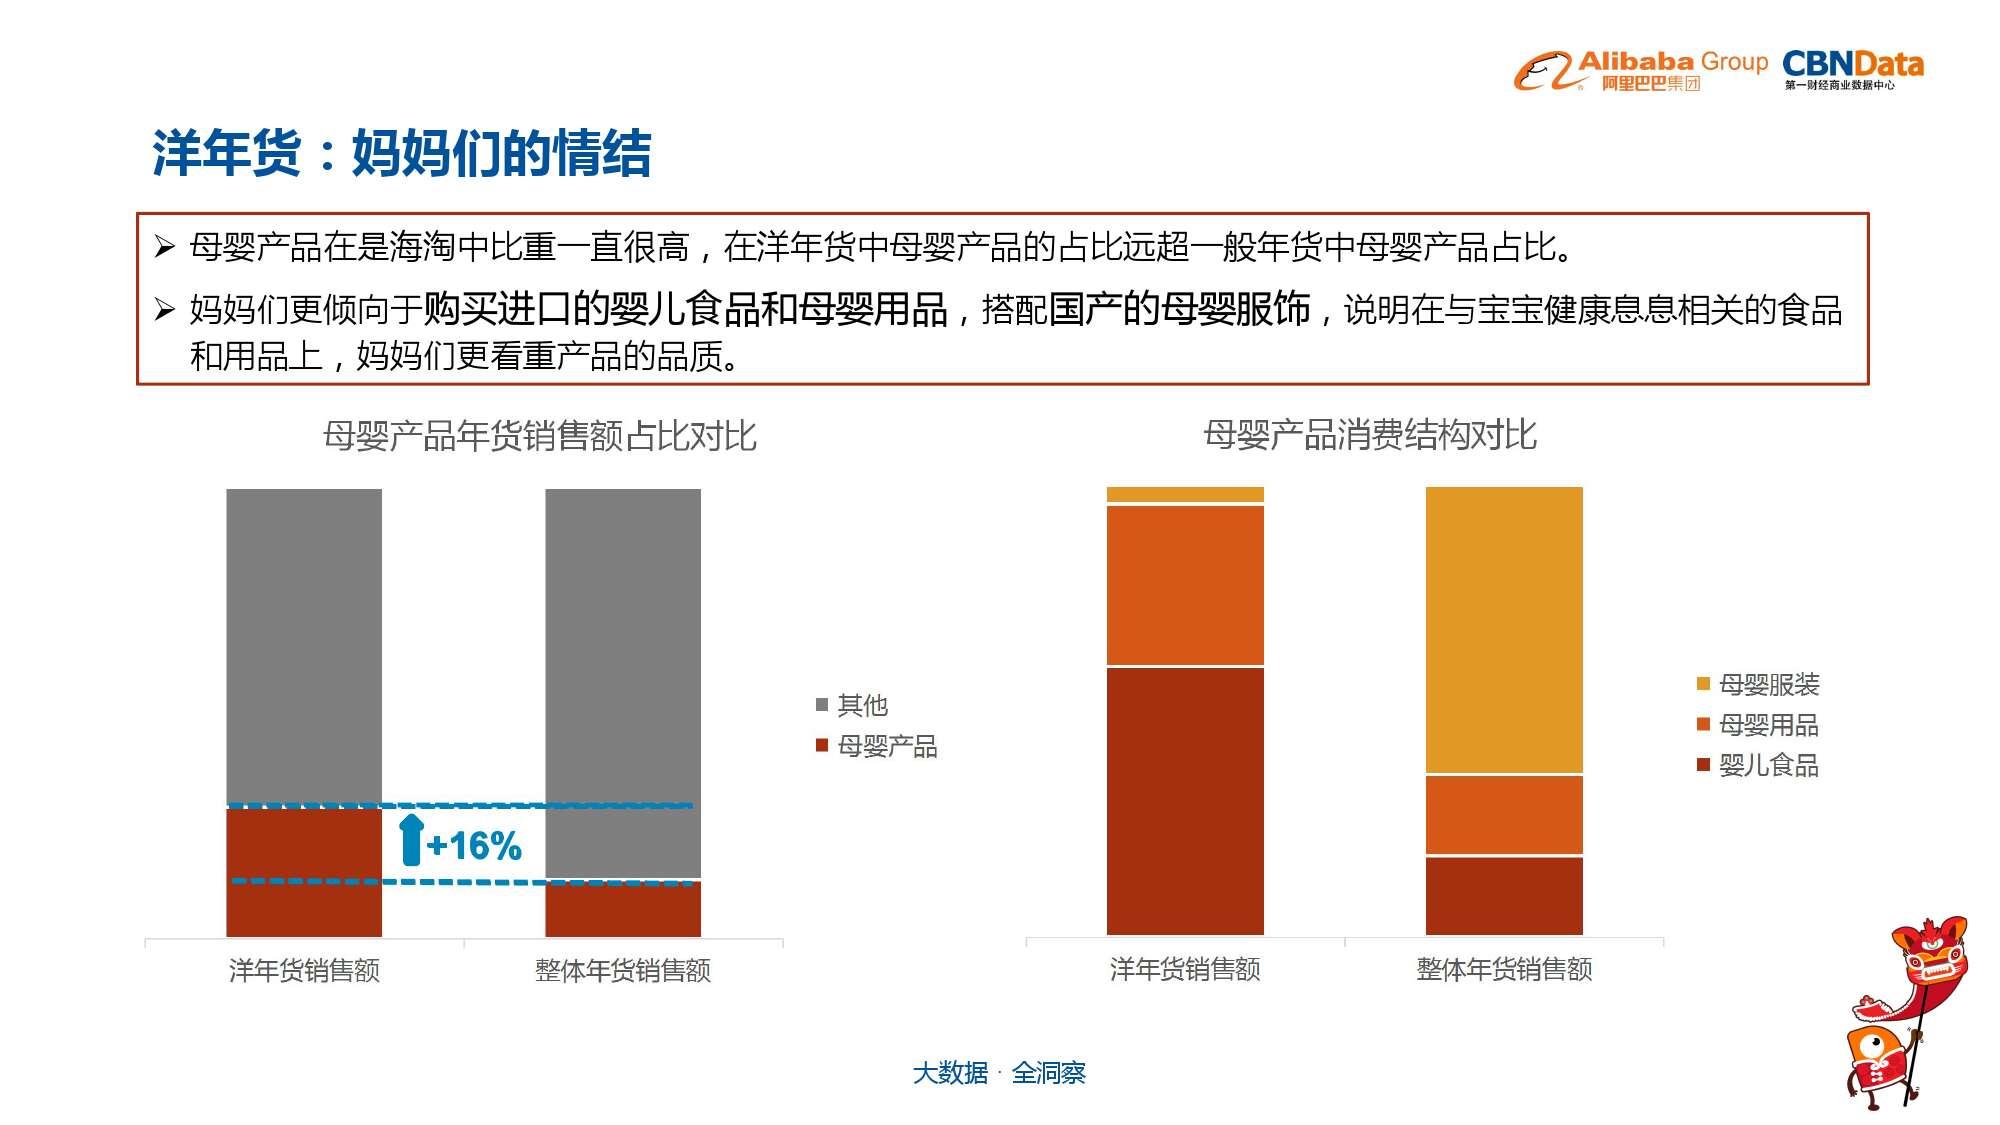 中国年货大数据报告_000025